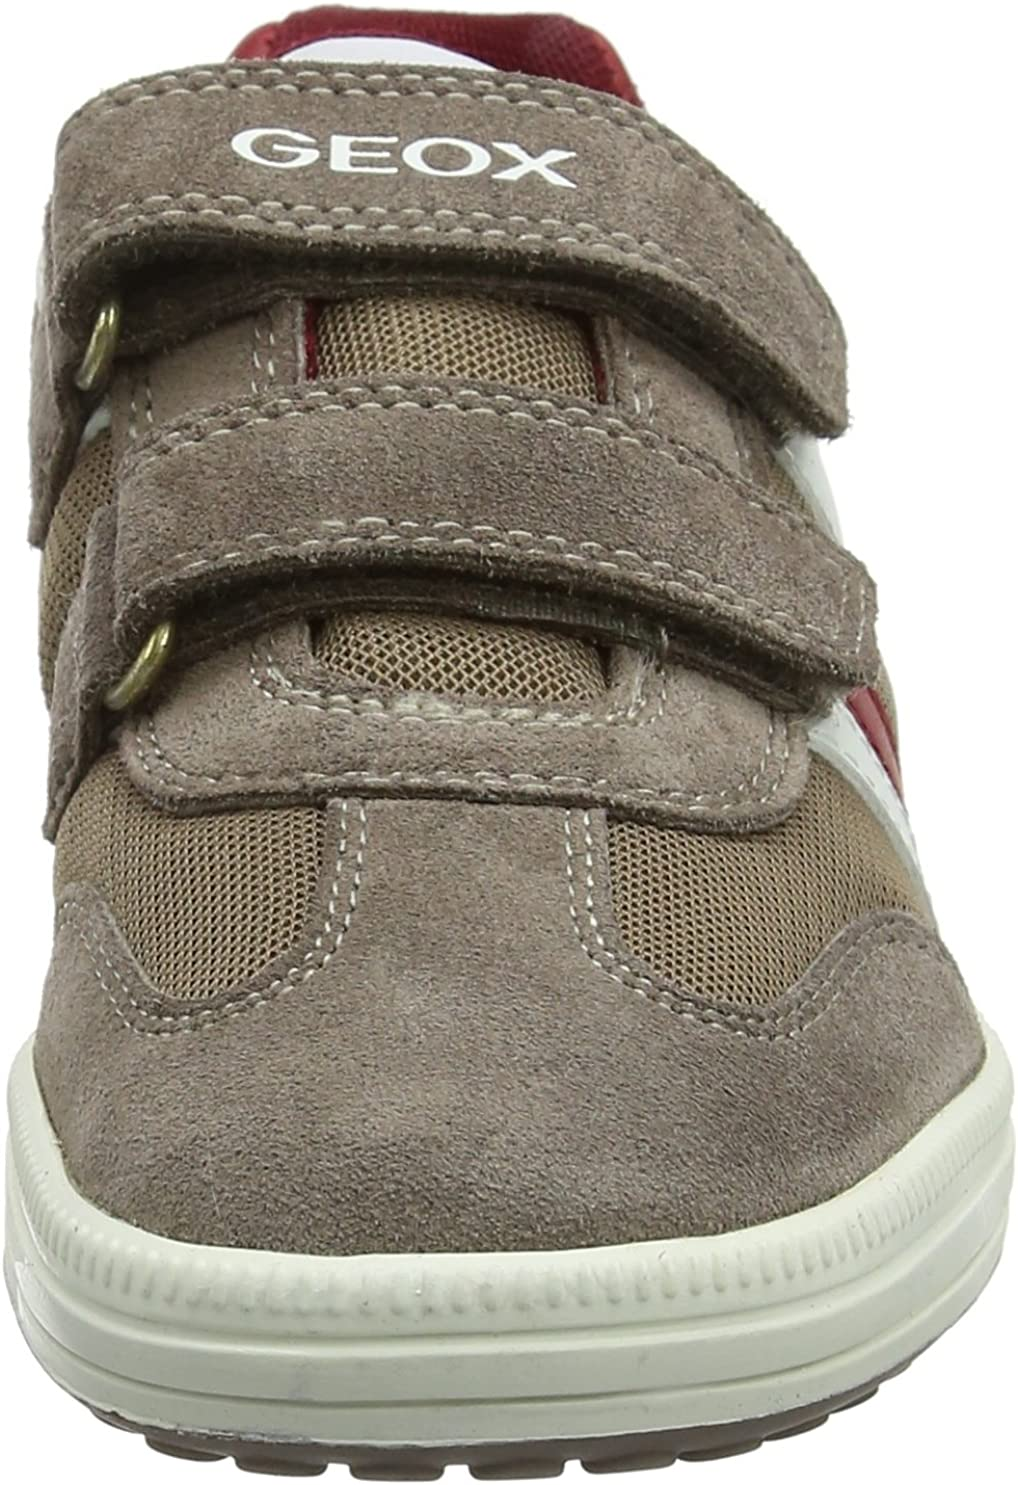 Geox Kids VITA 31 Sneaker